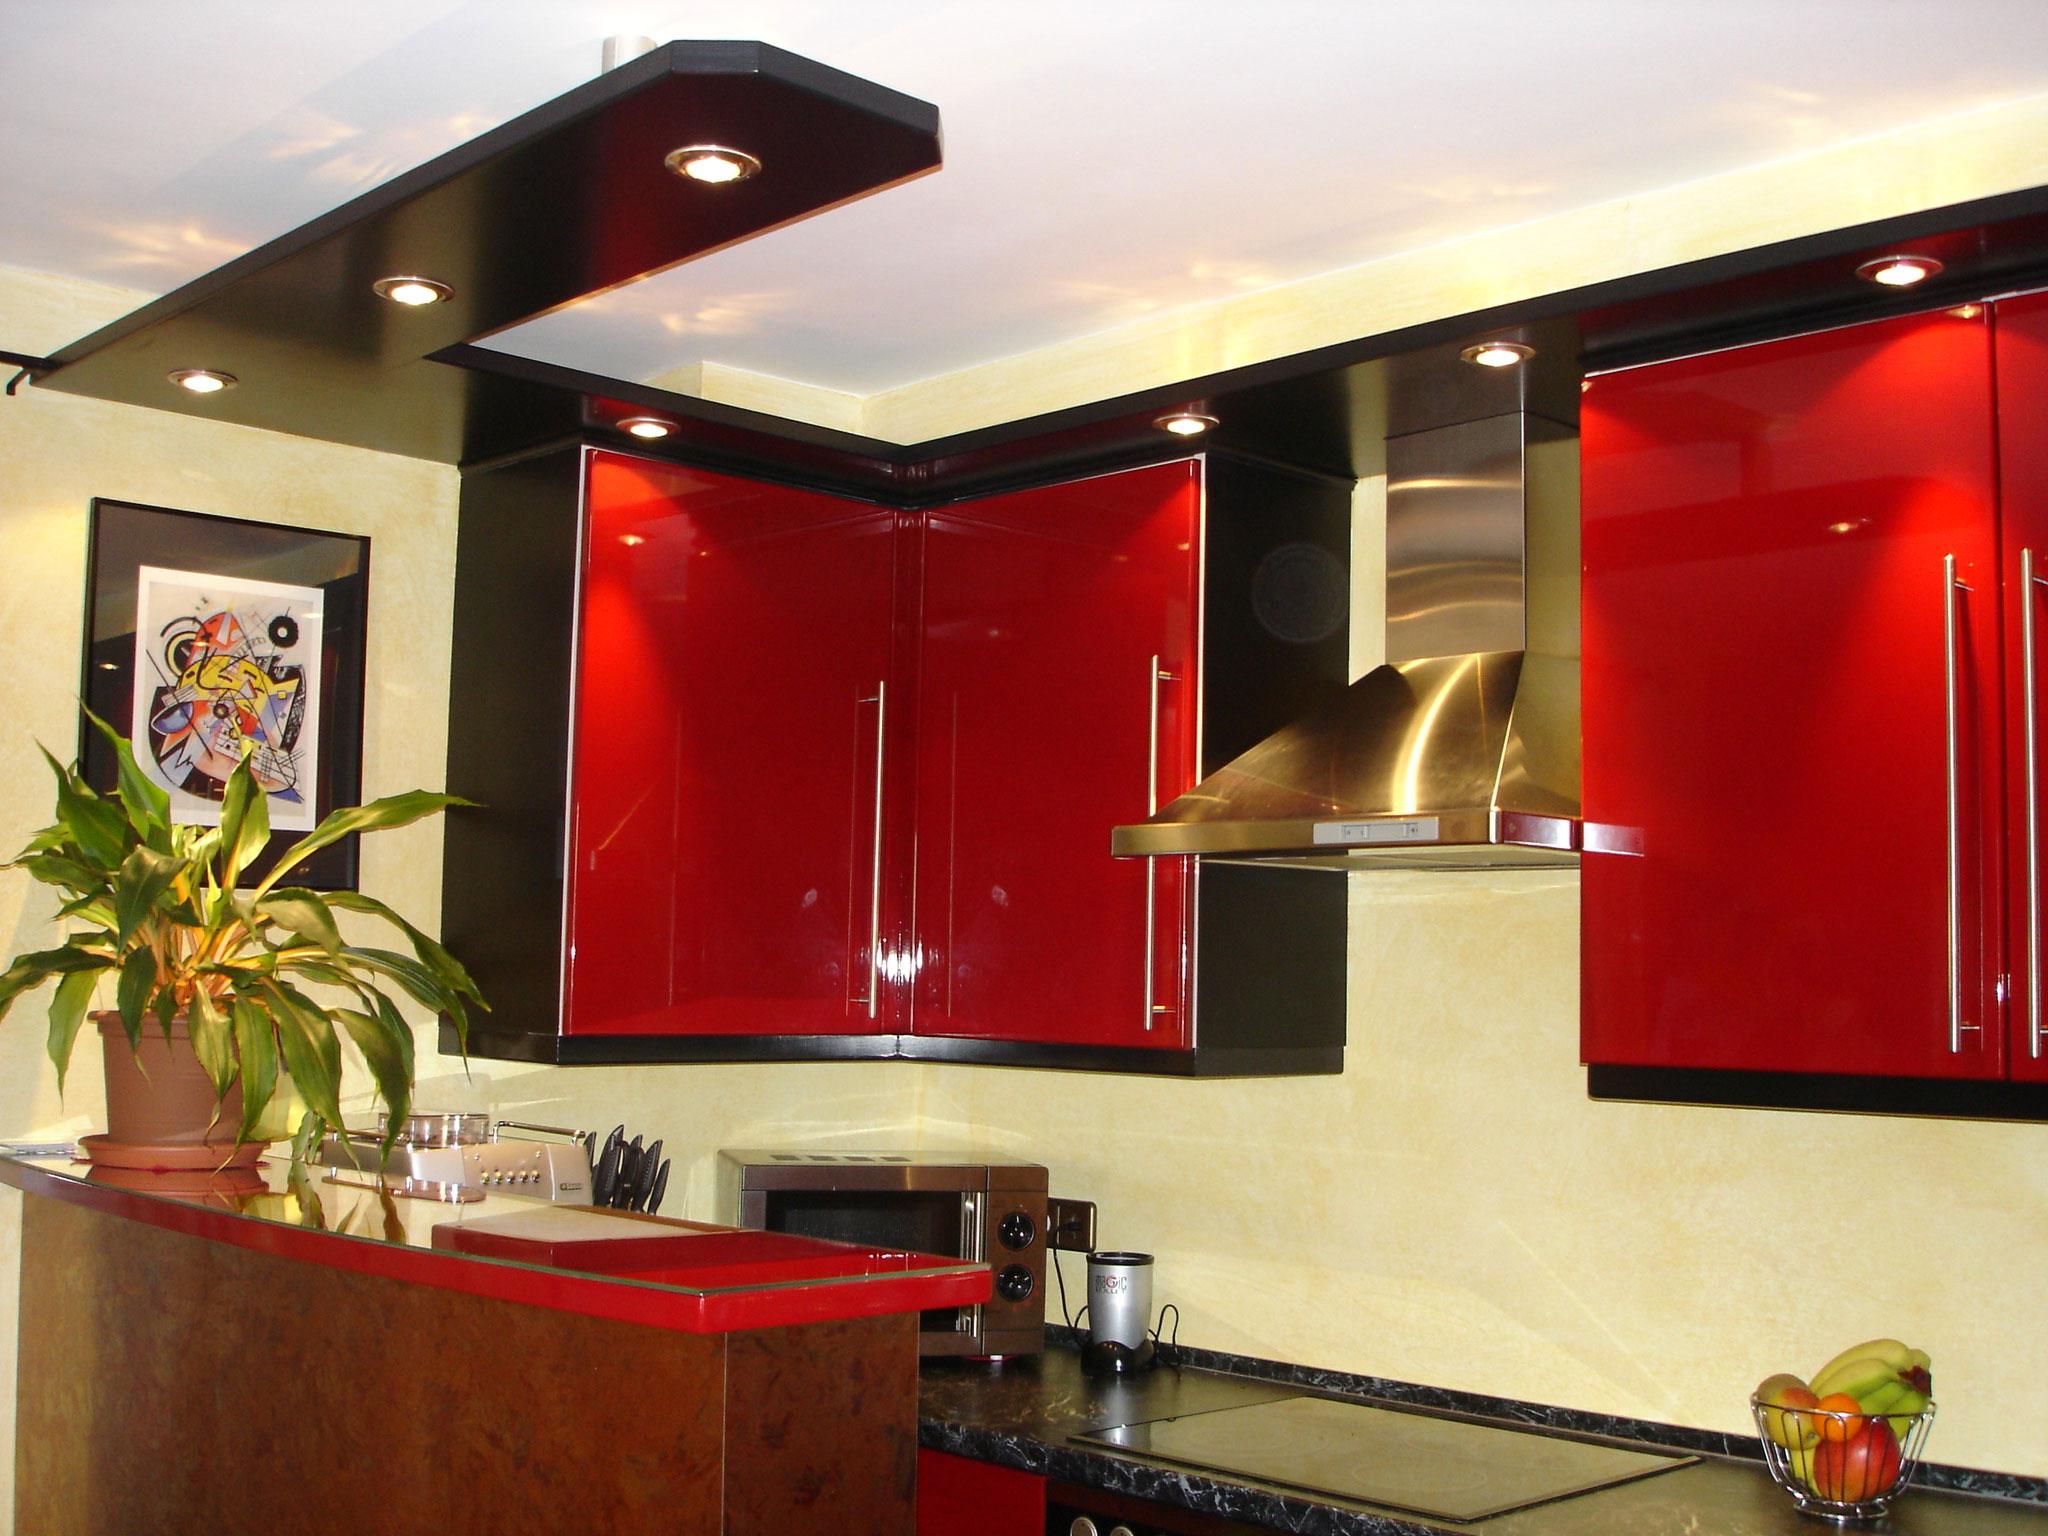 Malermeister effhauser fassadengestaltung for Innenraumgestaltung wohnzimmer